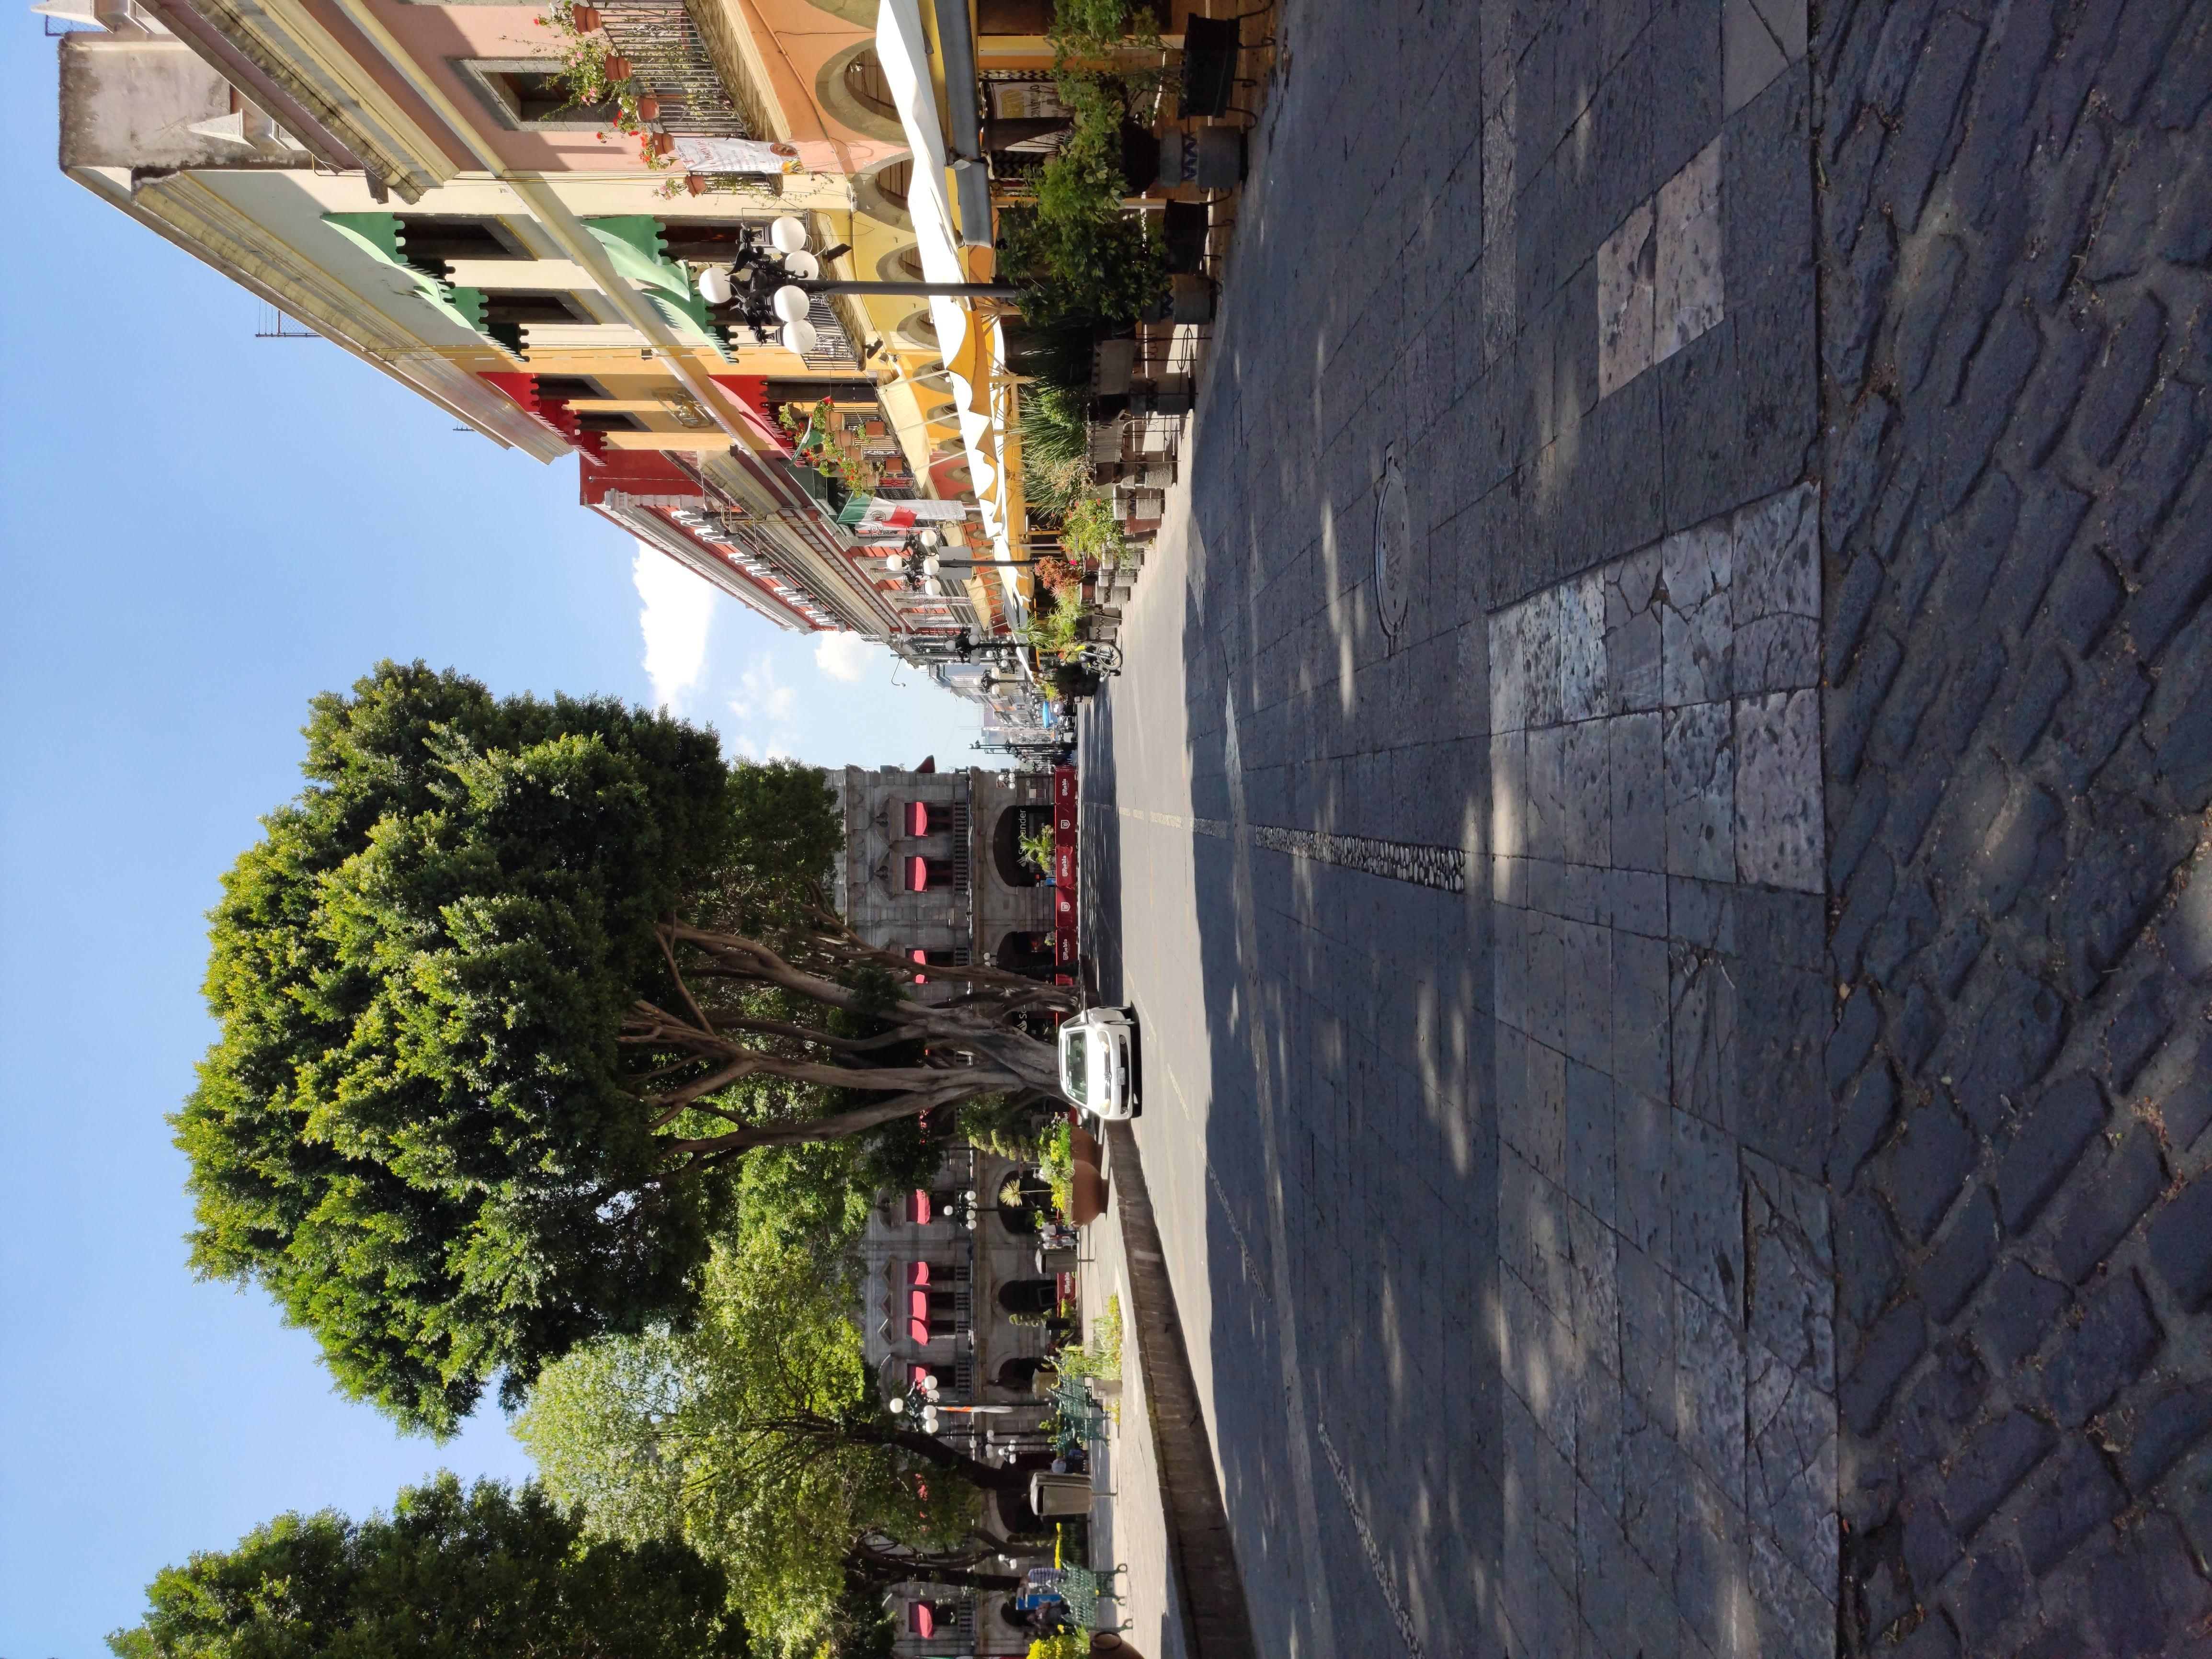 Zocalo - Habitado siempre